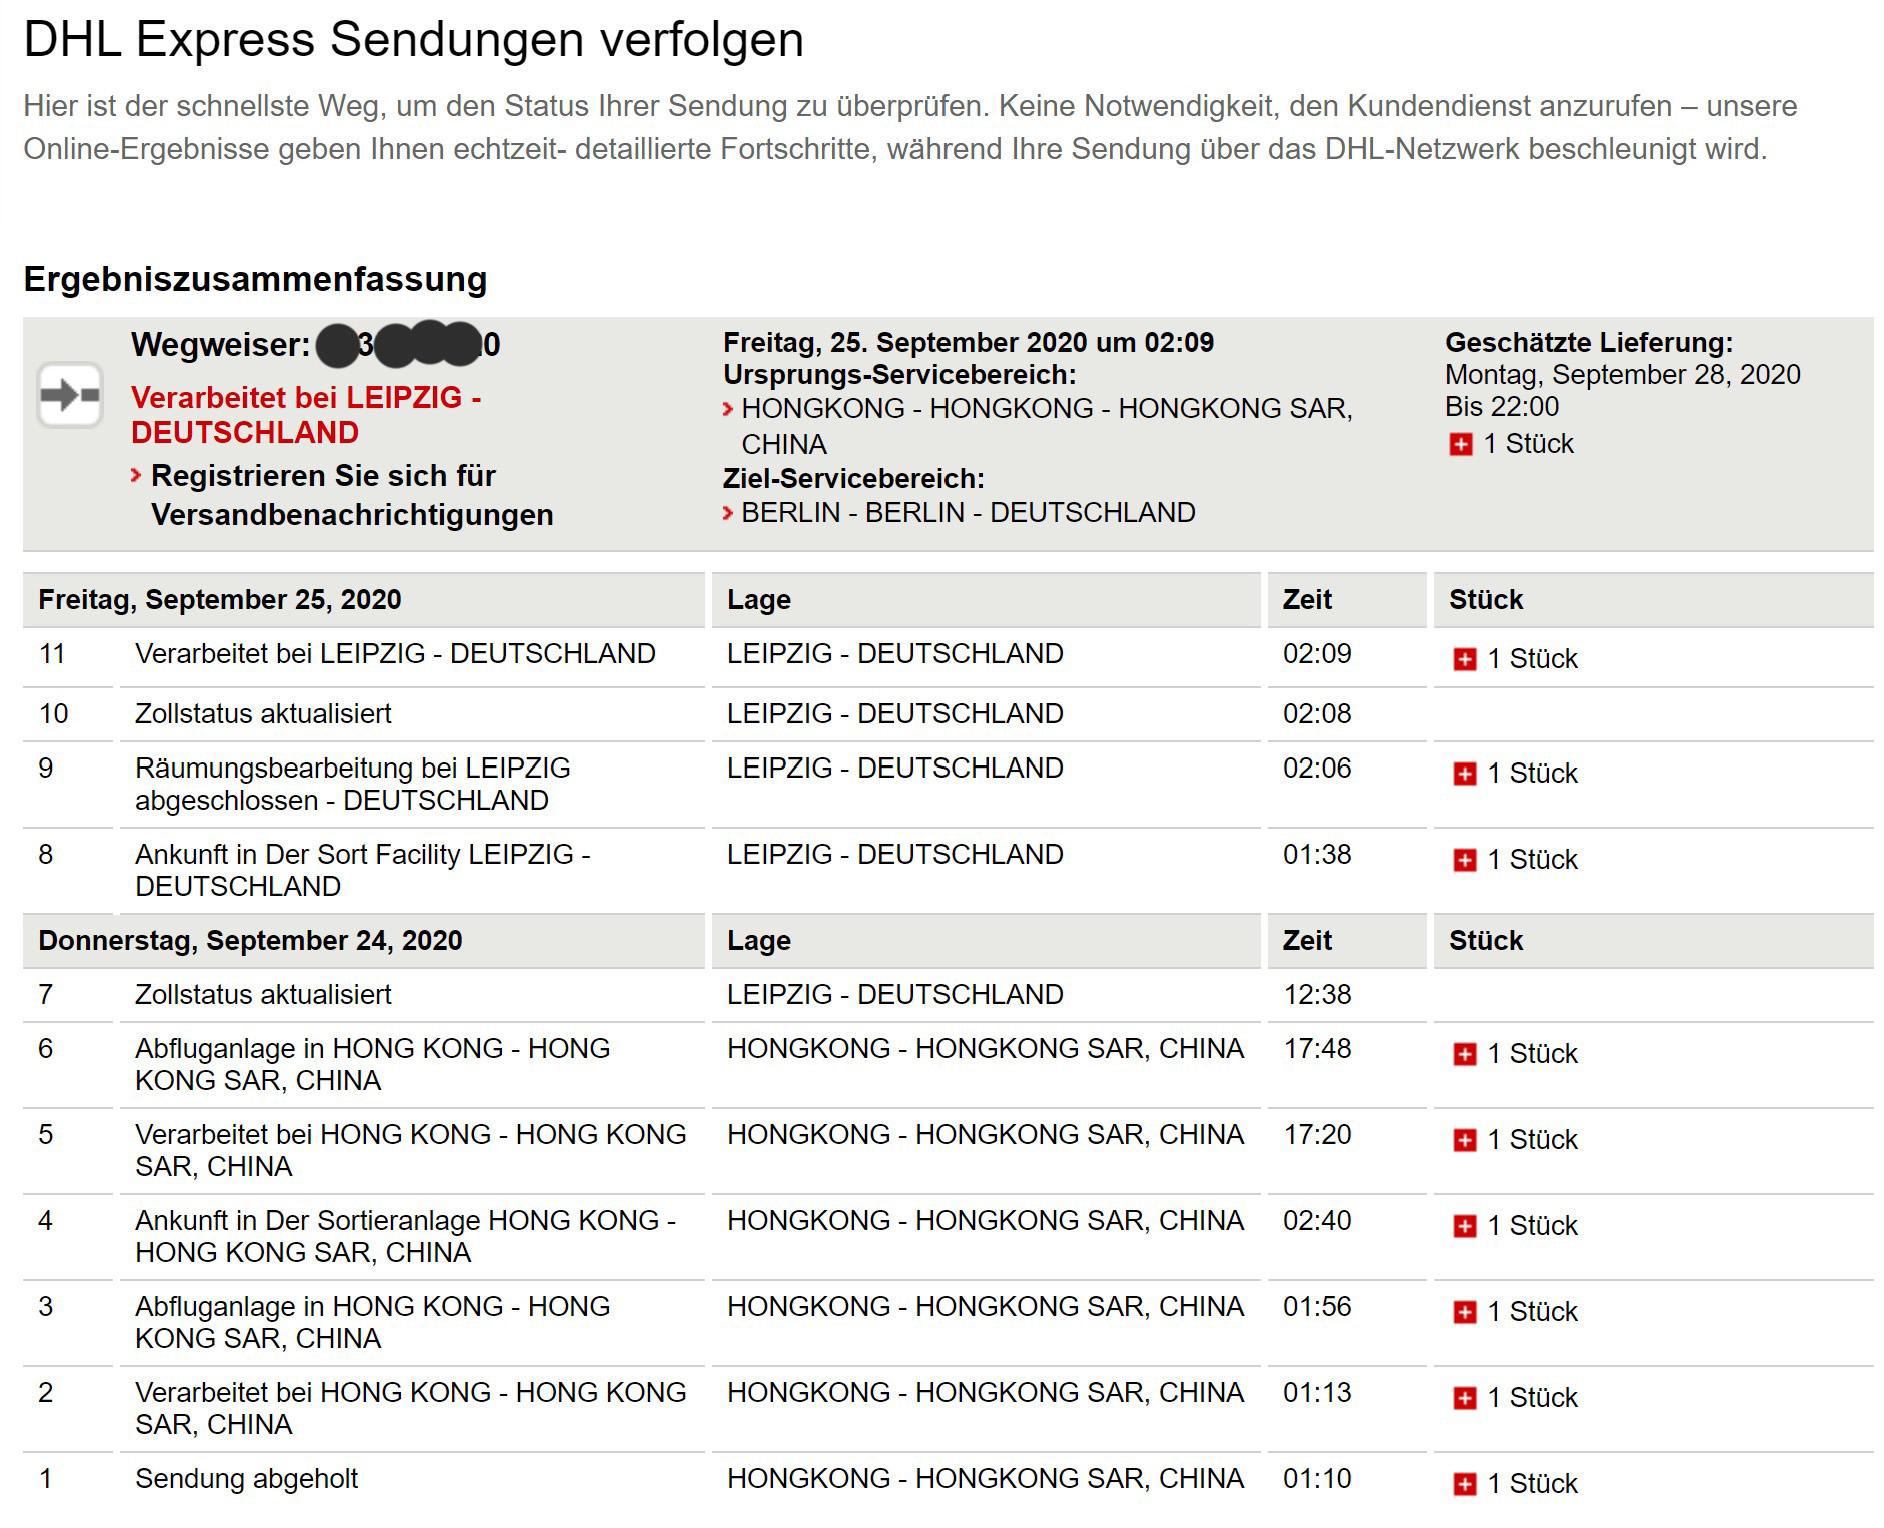 Screenshot 2020-09-25 022809.jpg